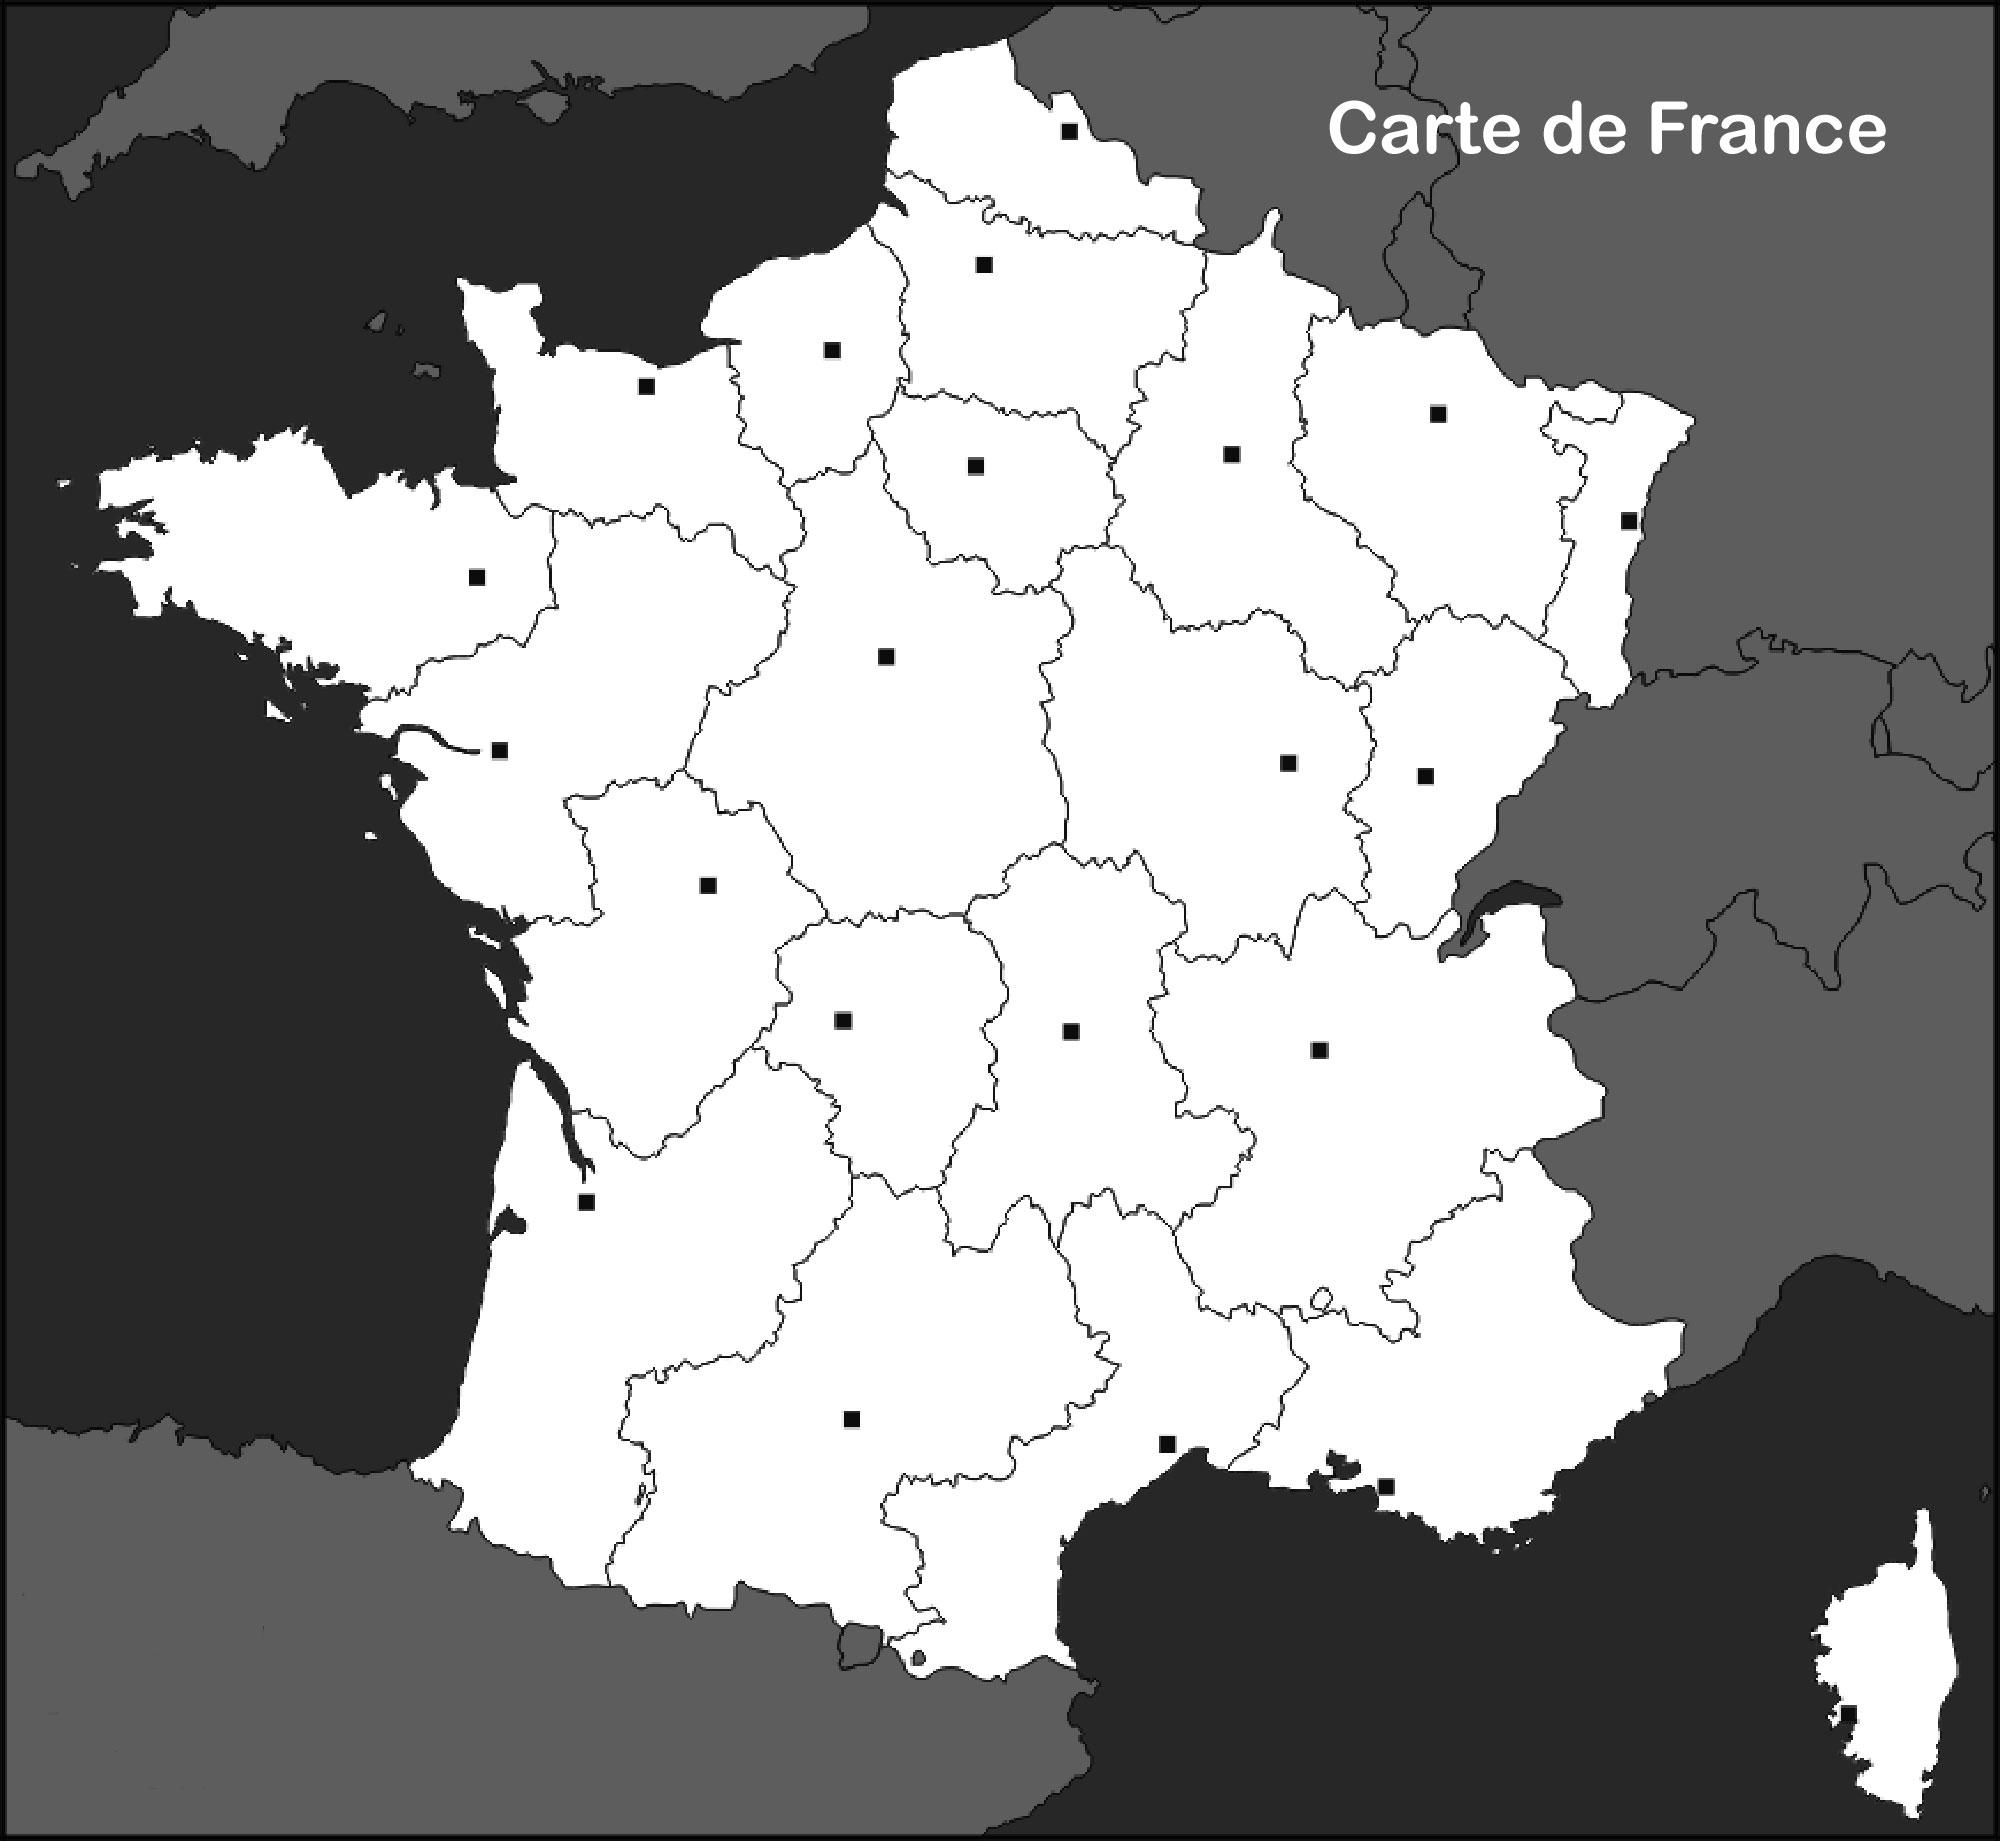 Carte De France Vierge - Voyages - Cartes concernant Carte France Vierge Villes